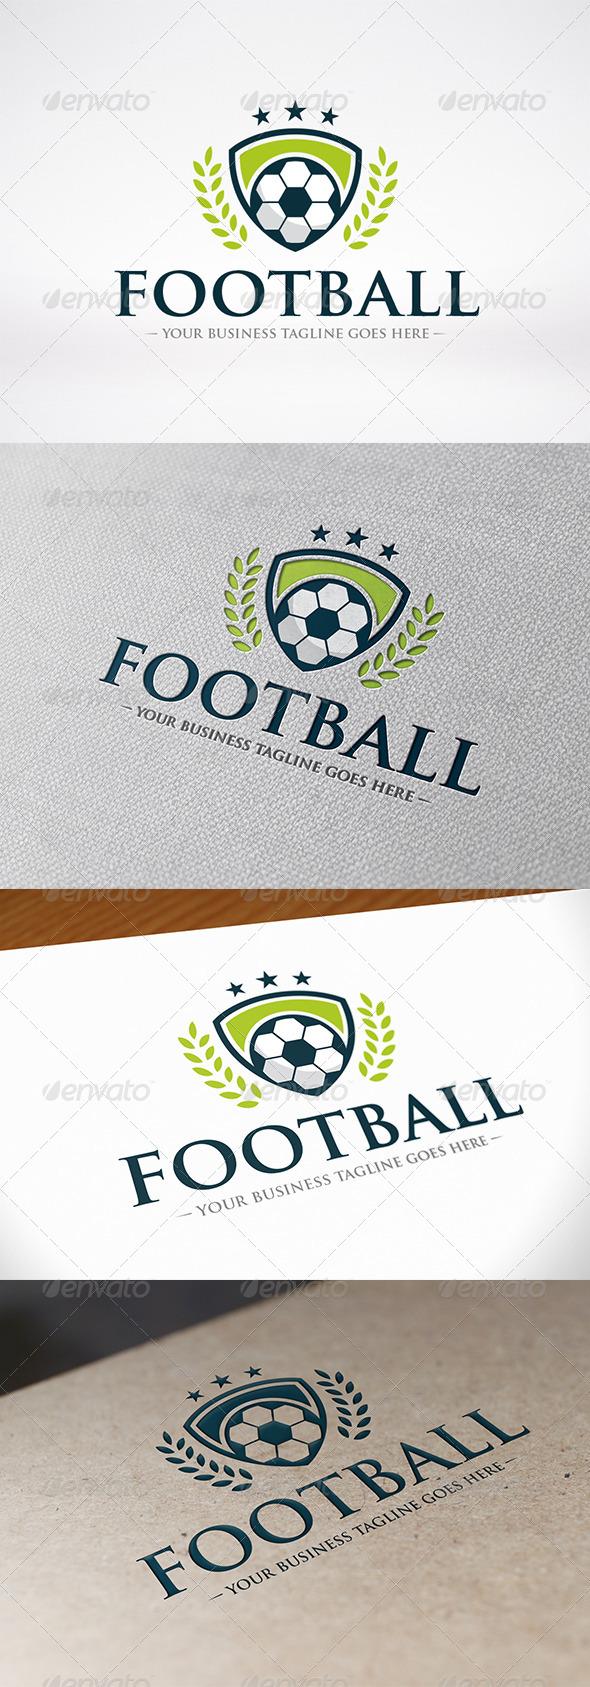 GraphicRiver Football Team Logo Template 8035015